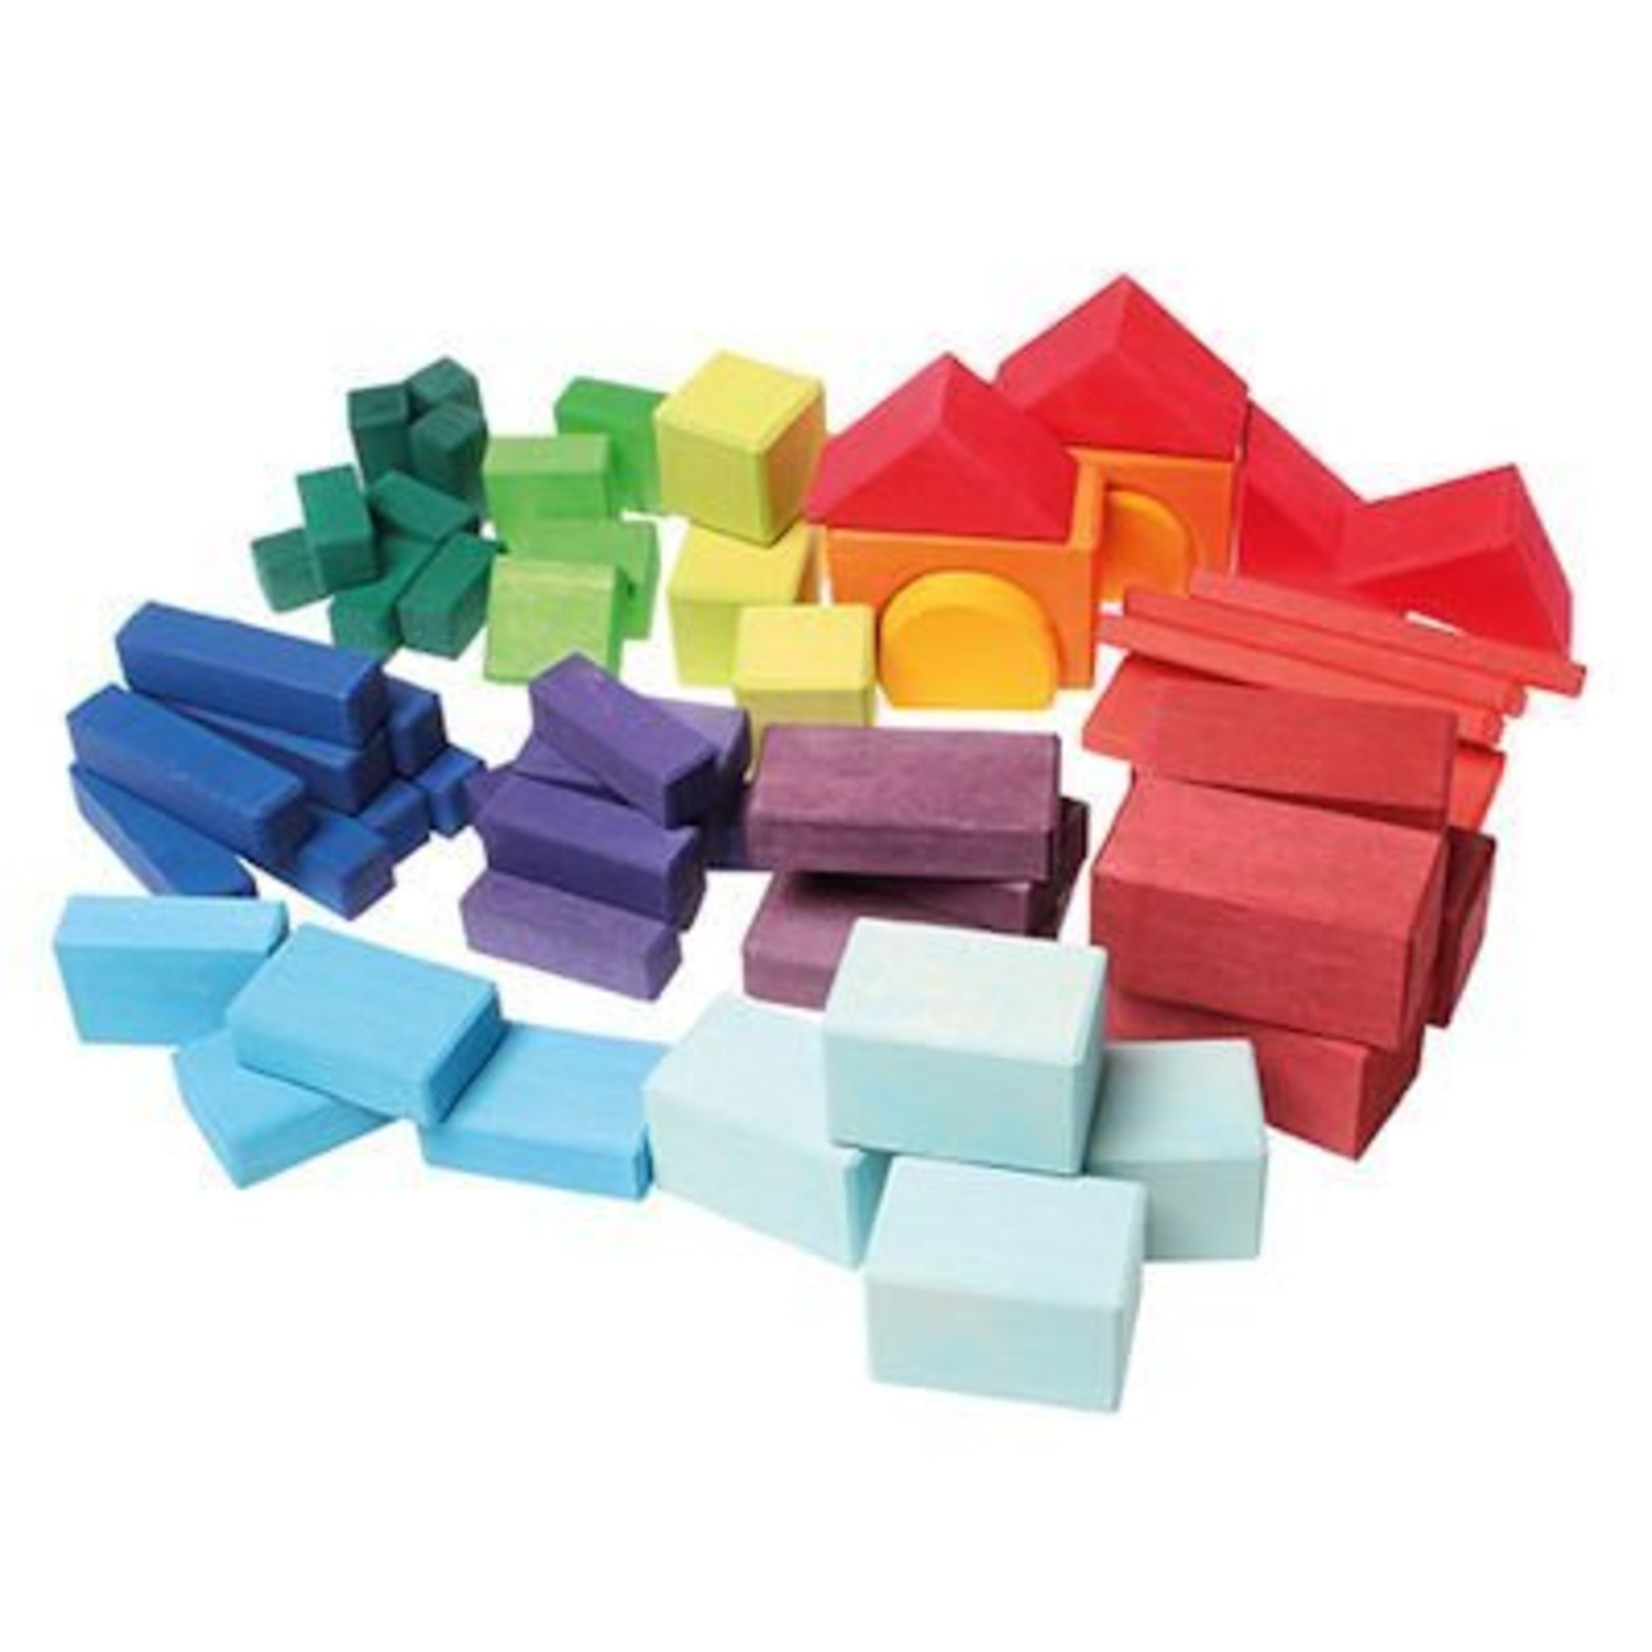 Grimm's Gekleurde geometrische houten blokken - 60-delig